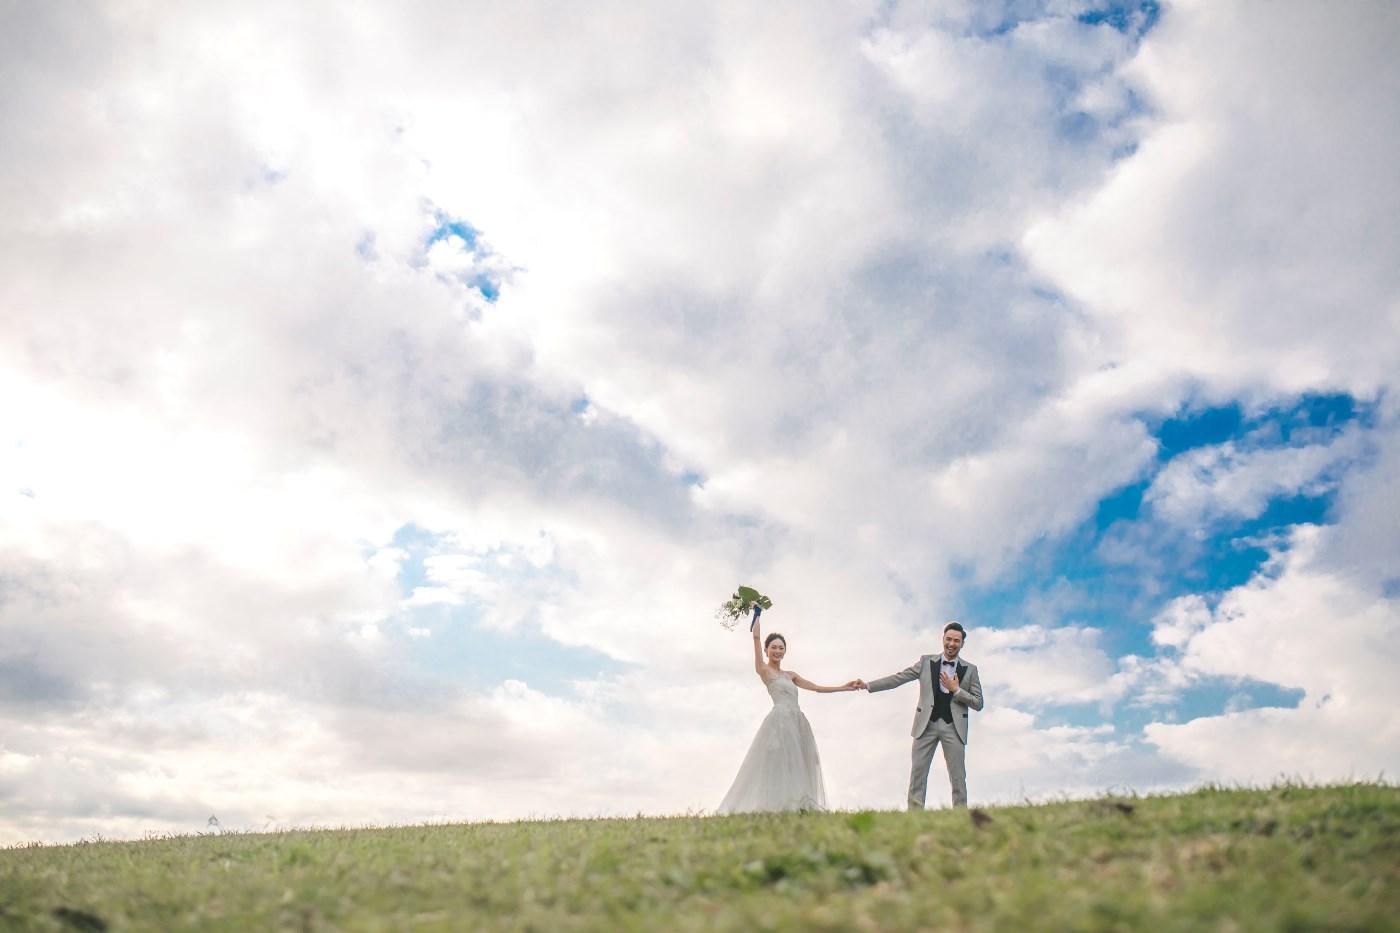 葛西臨海公園の丘の上で両手を挙げる新郎新婦